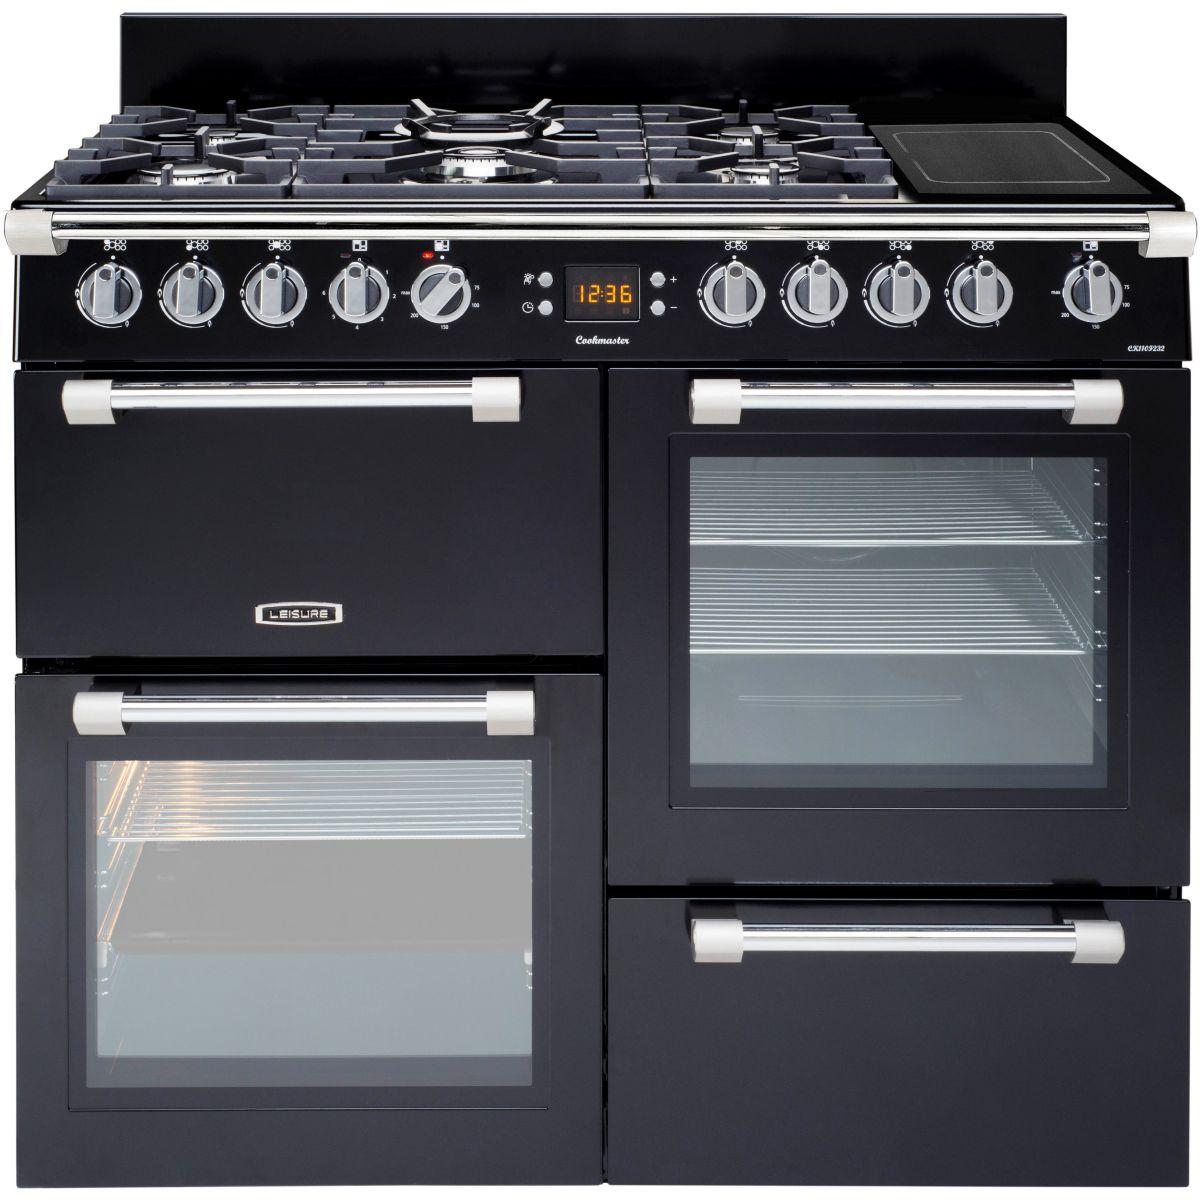 Piano De Cuisson Pas Cher Sauter leisure ck100f324 - piano de cuisson cookmaster 5 feux gaz dont 1 wok